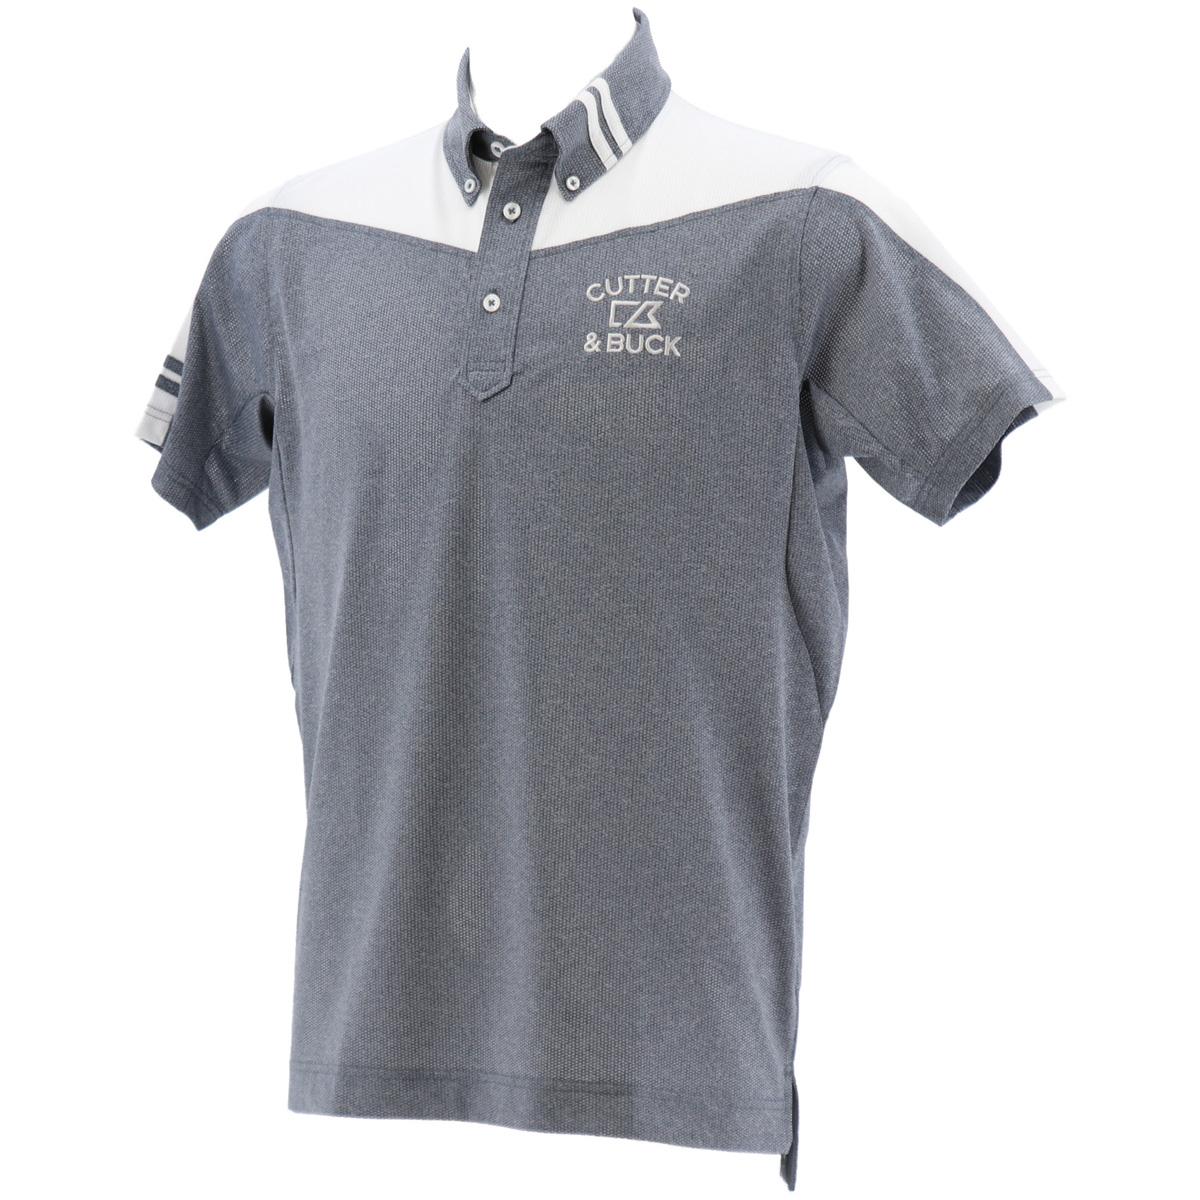 シャンブレーメッシュ半袖ポロシャツ